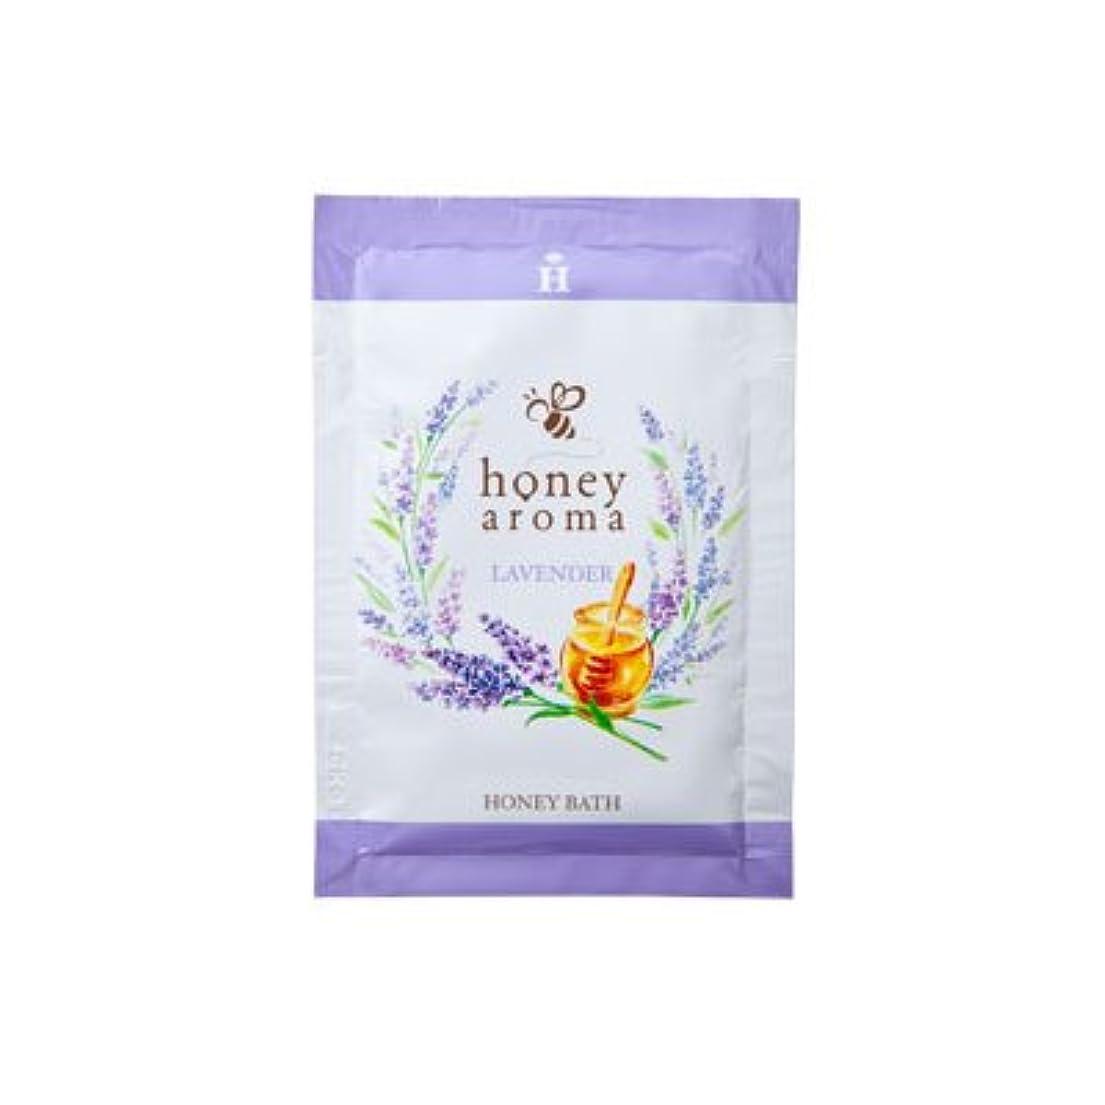 失望タービン言語学ハニーアロマ ハニーバス(入浴剤) 5包(ラベンダーの香り)